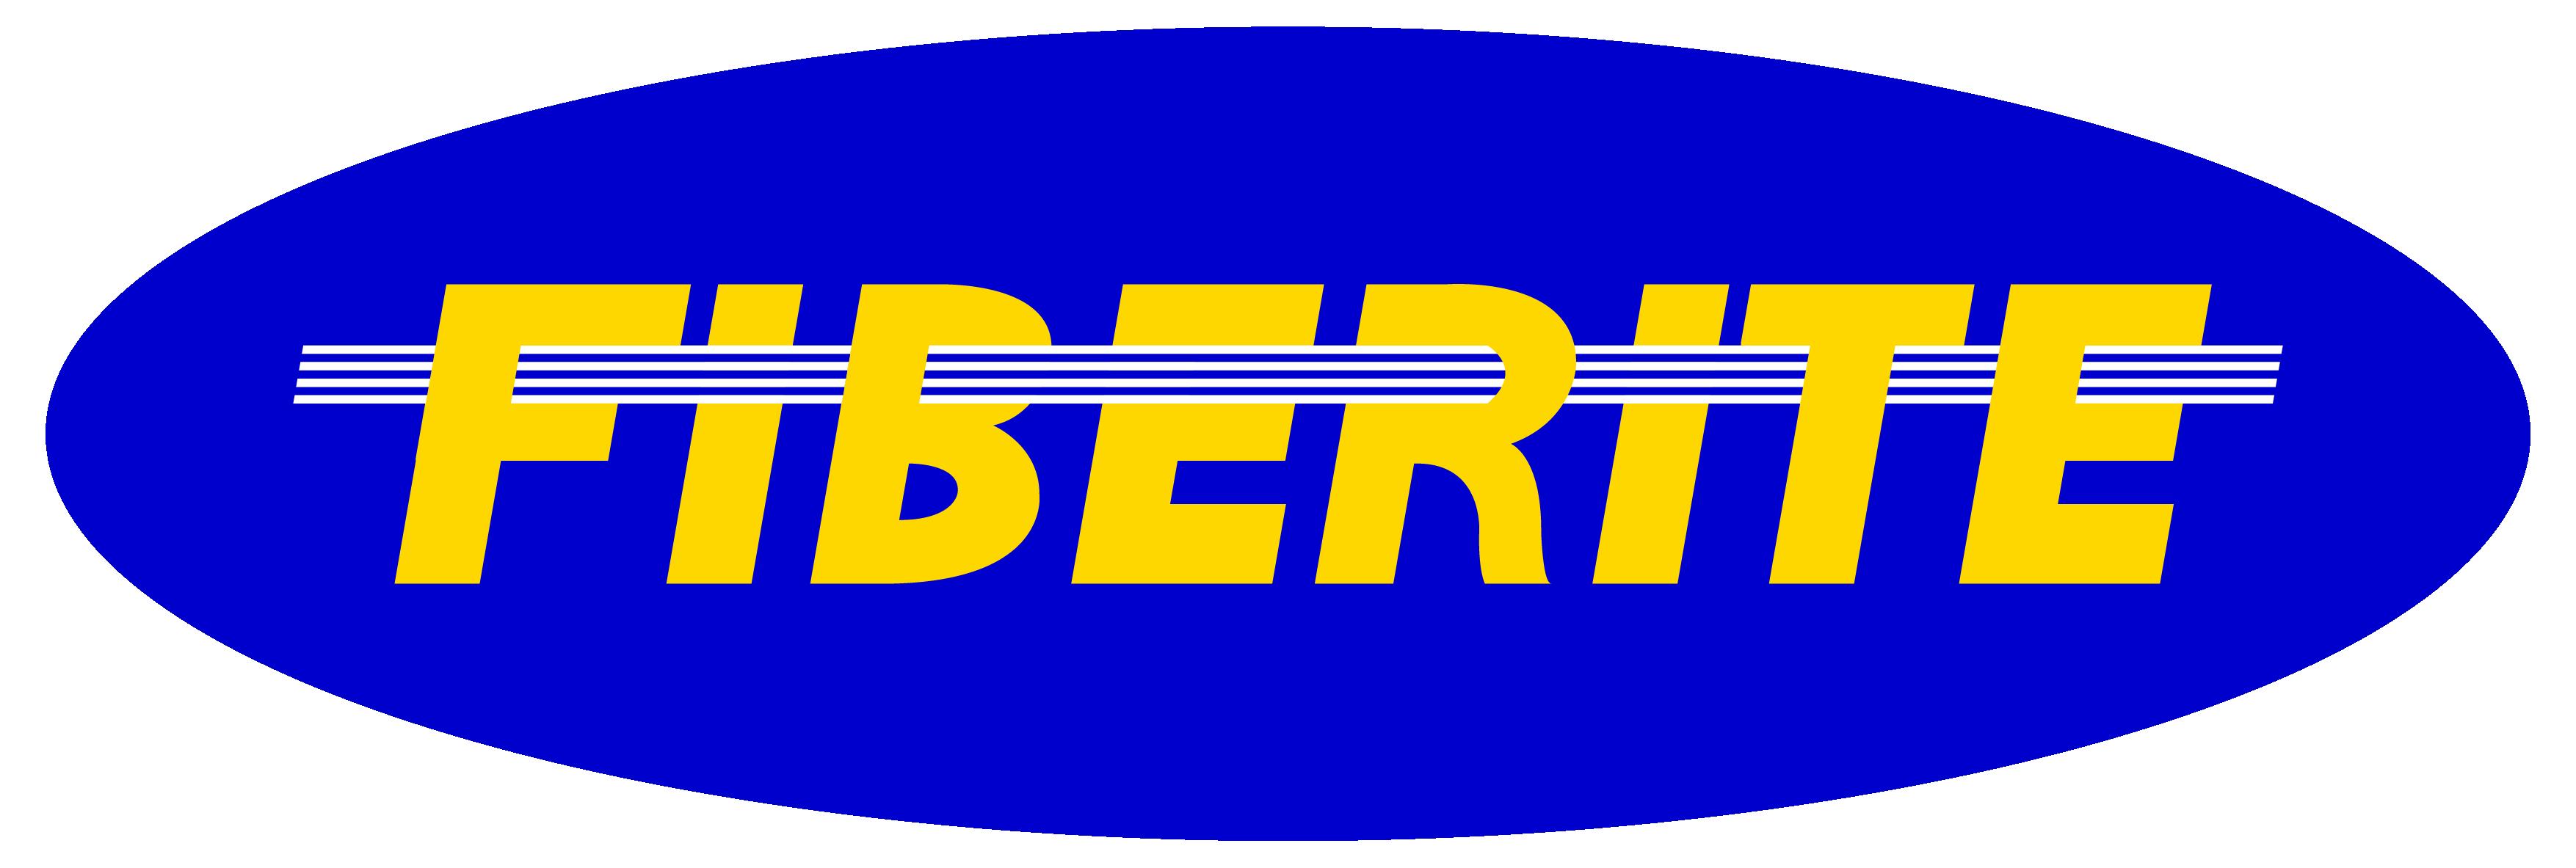 Fiberite